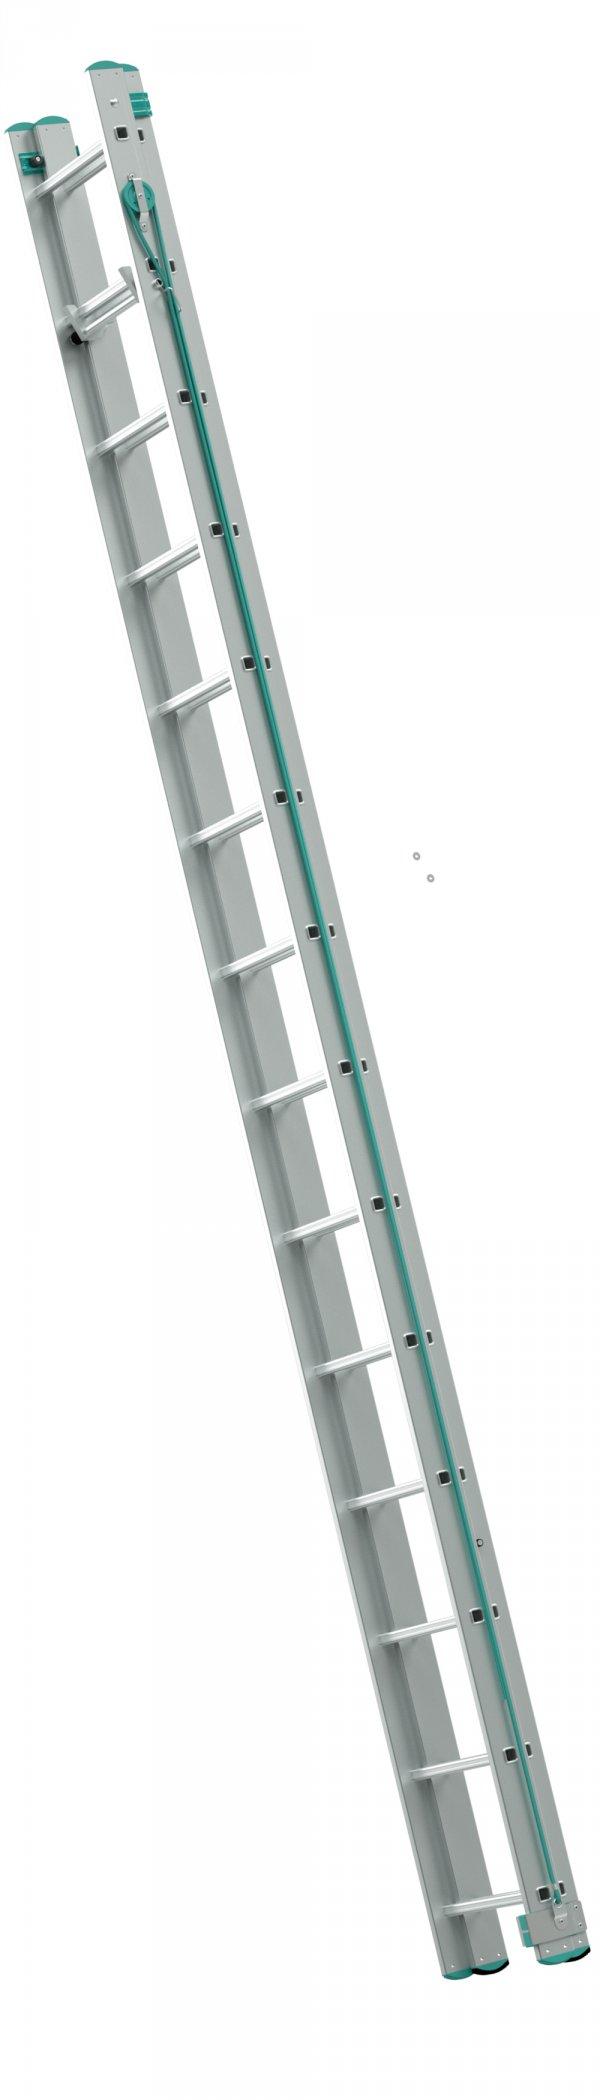 7314 - dvoudílný lanový žebřík 2 x 14 příček